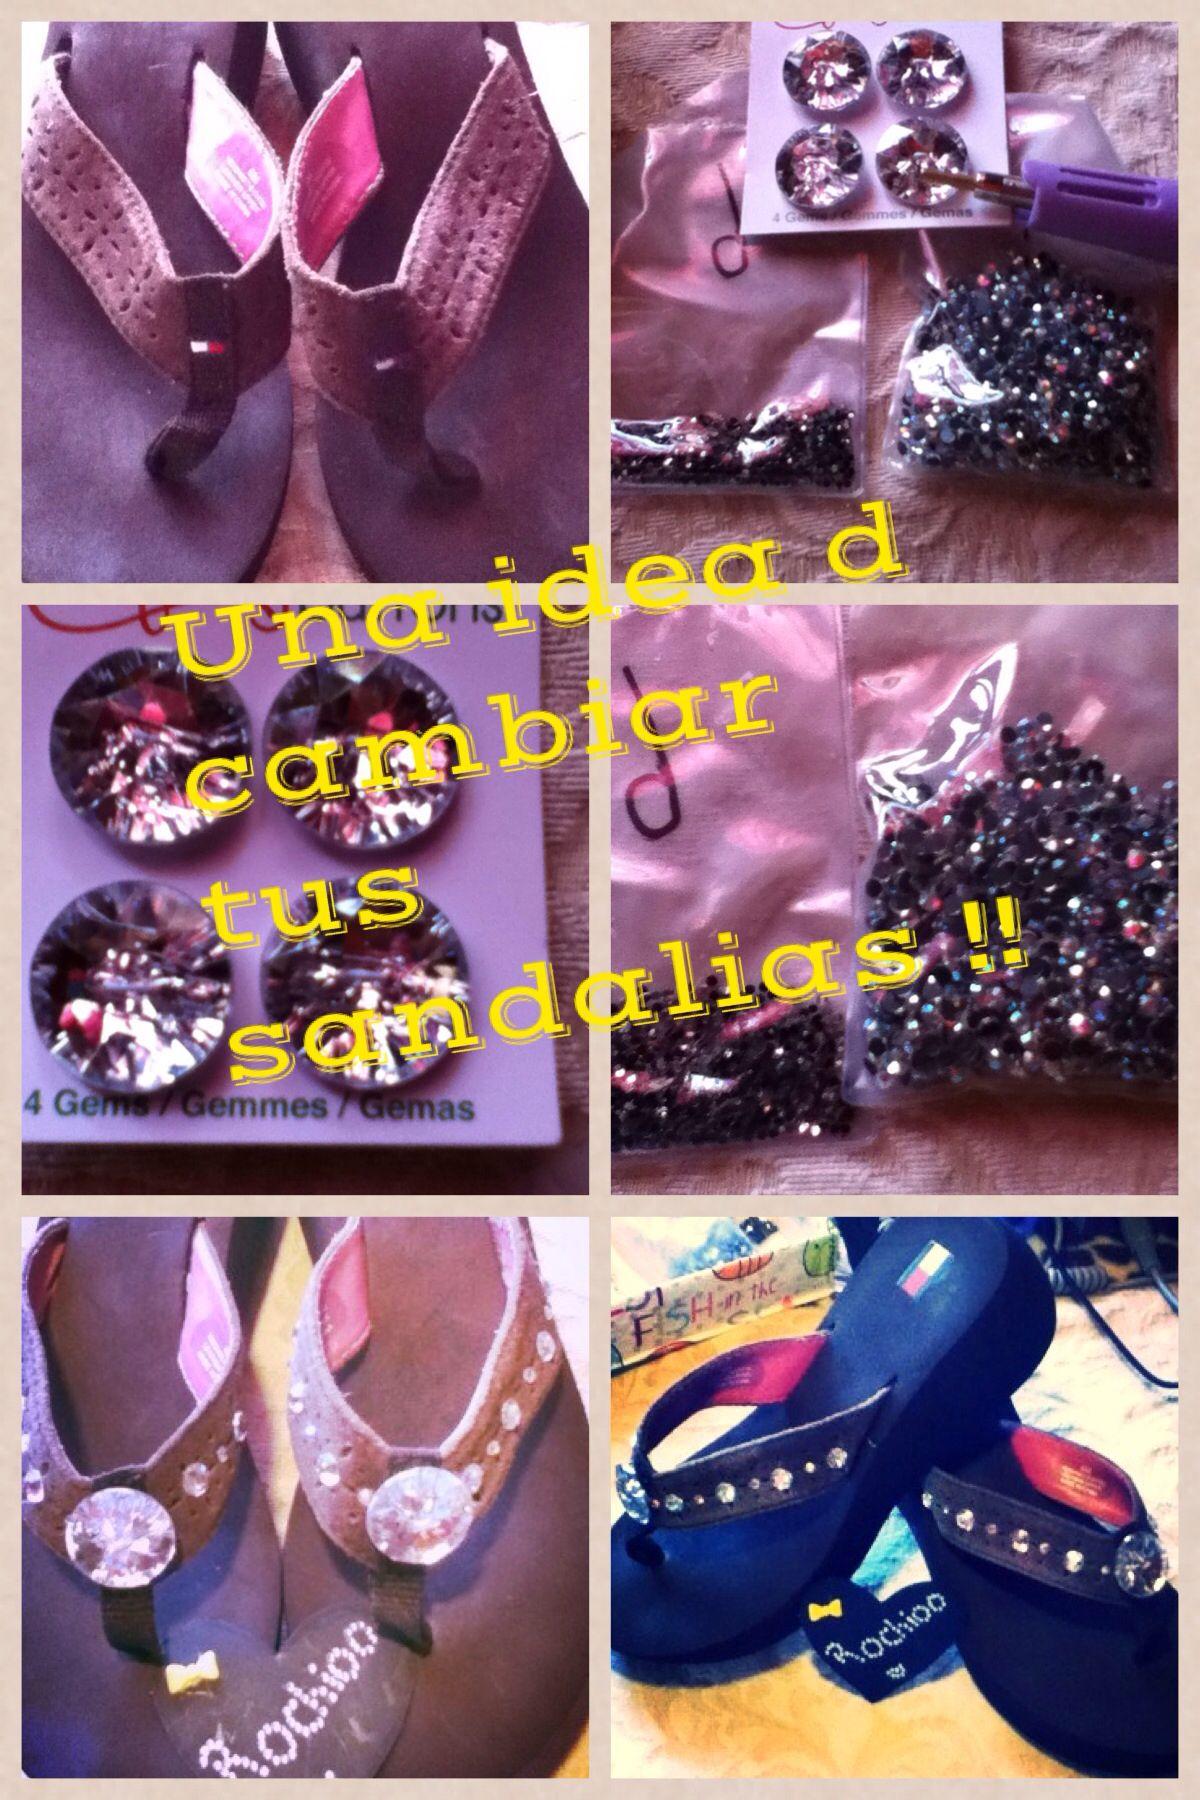 Una manera fácil y sencilla d cambiar el diseño d tus sandalias para este verano!!!!